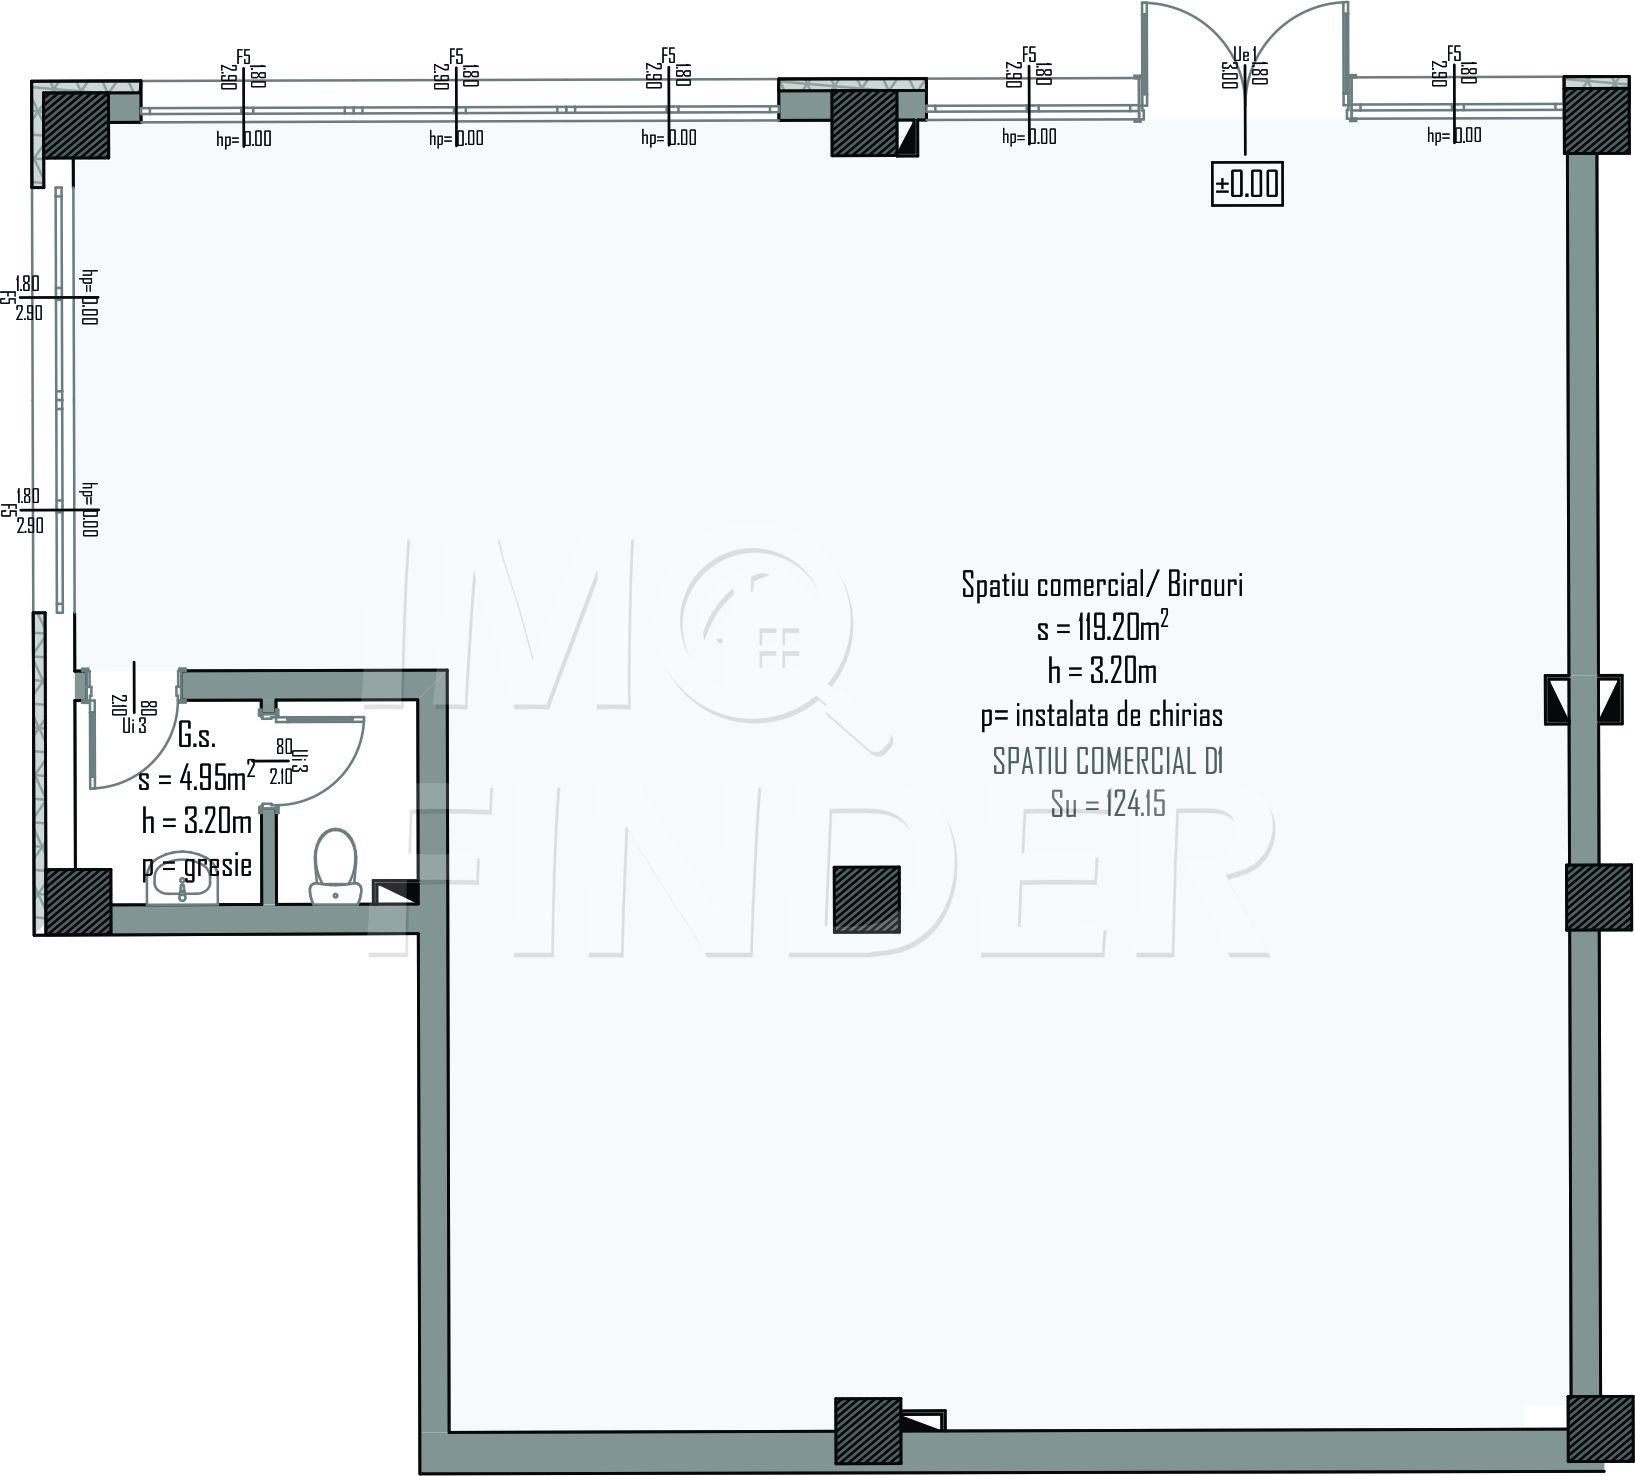 Vanzare spatii comerciale/ birouri  imobil nou, zona Centrala, 124 mp